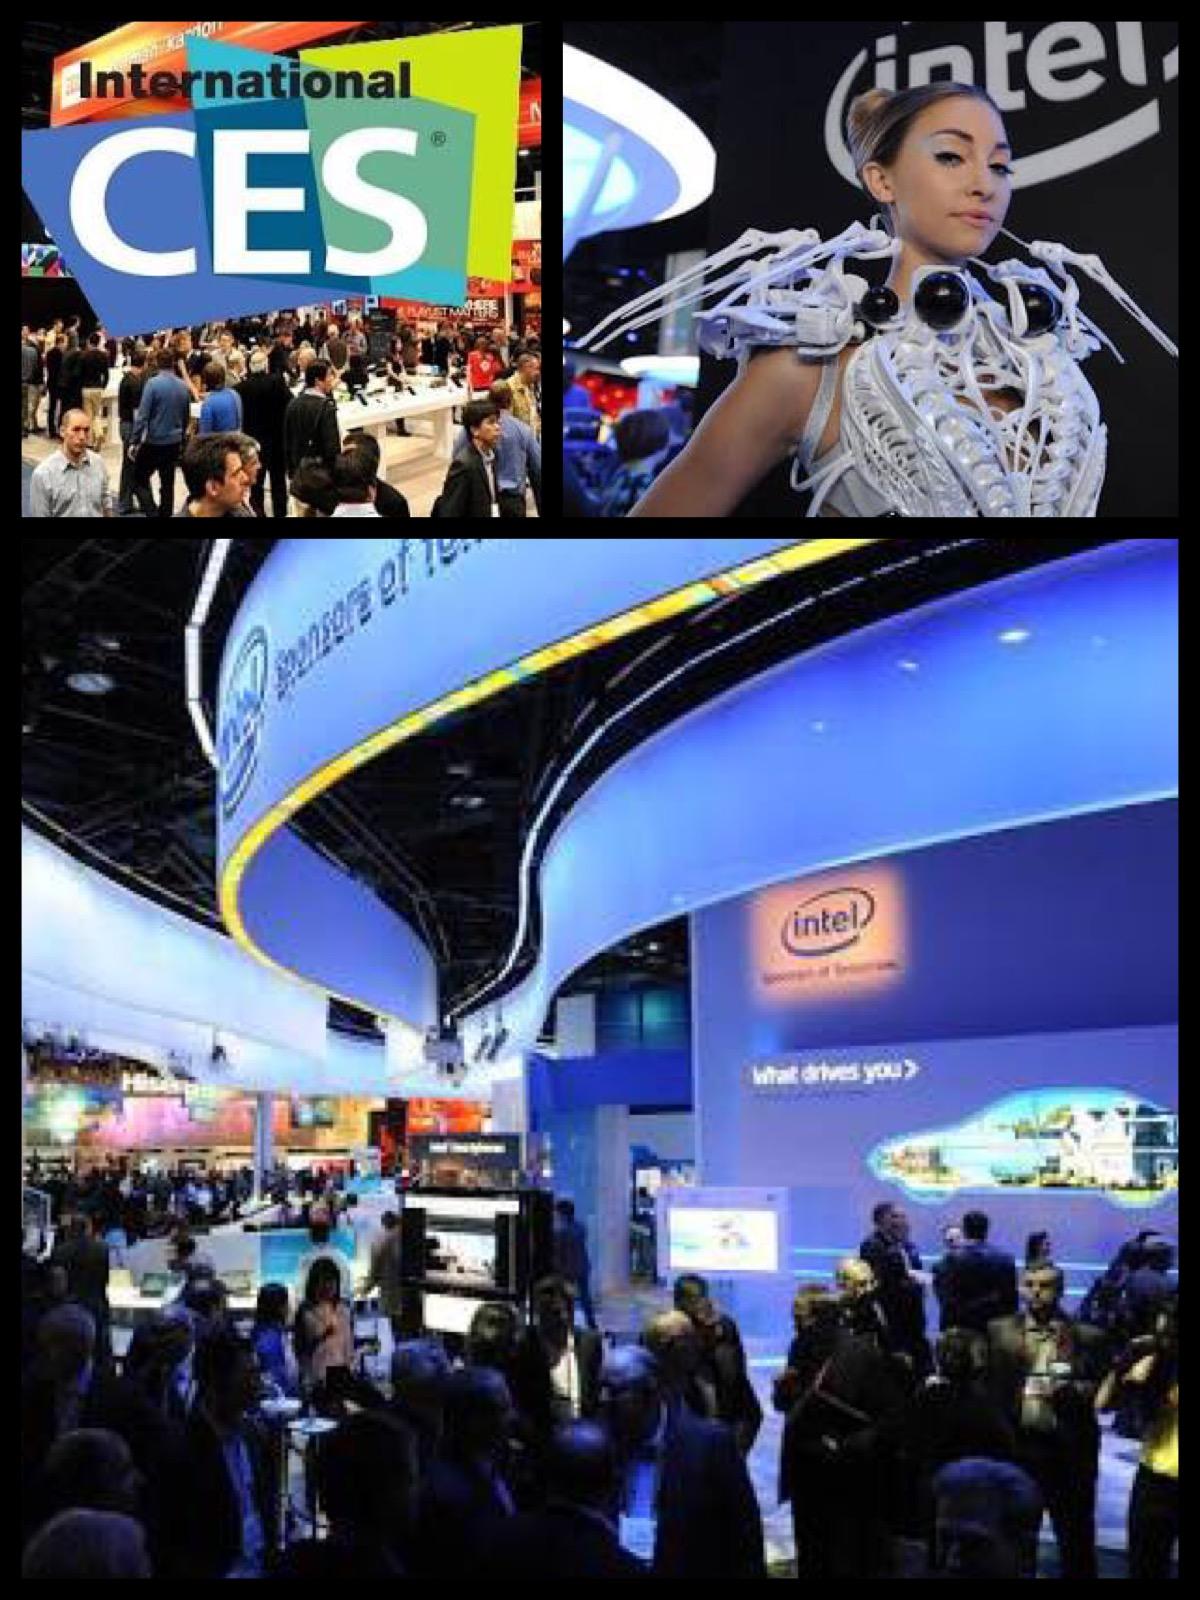 コンシューマー・エレクトロニクス・ショー (Consumer Electronics Show, CES)